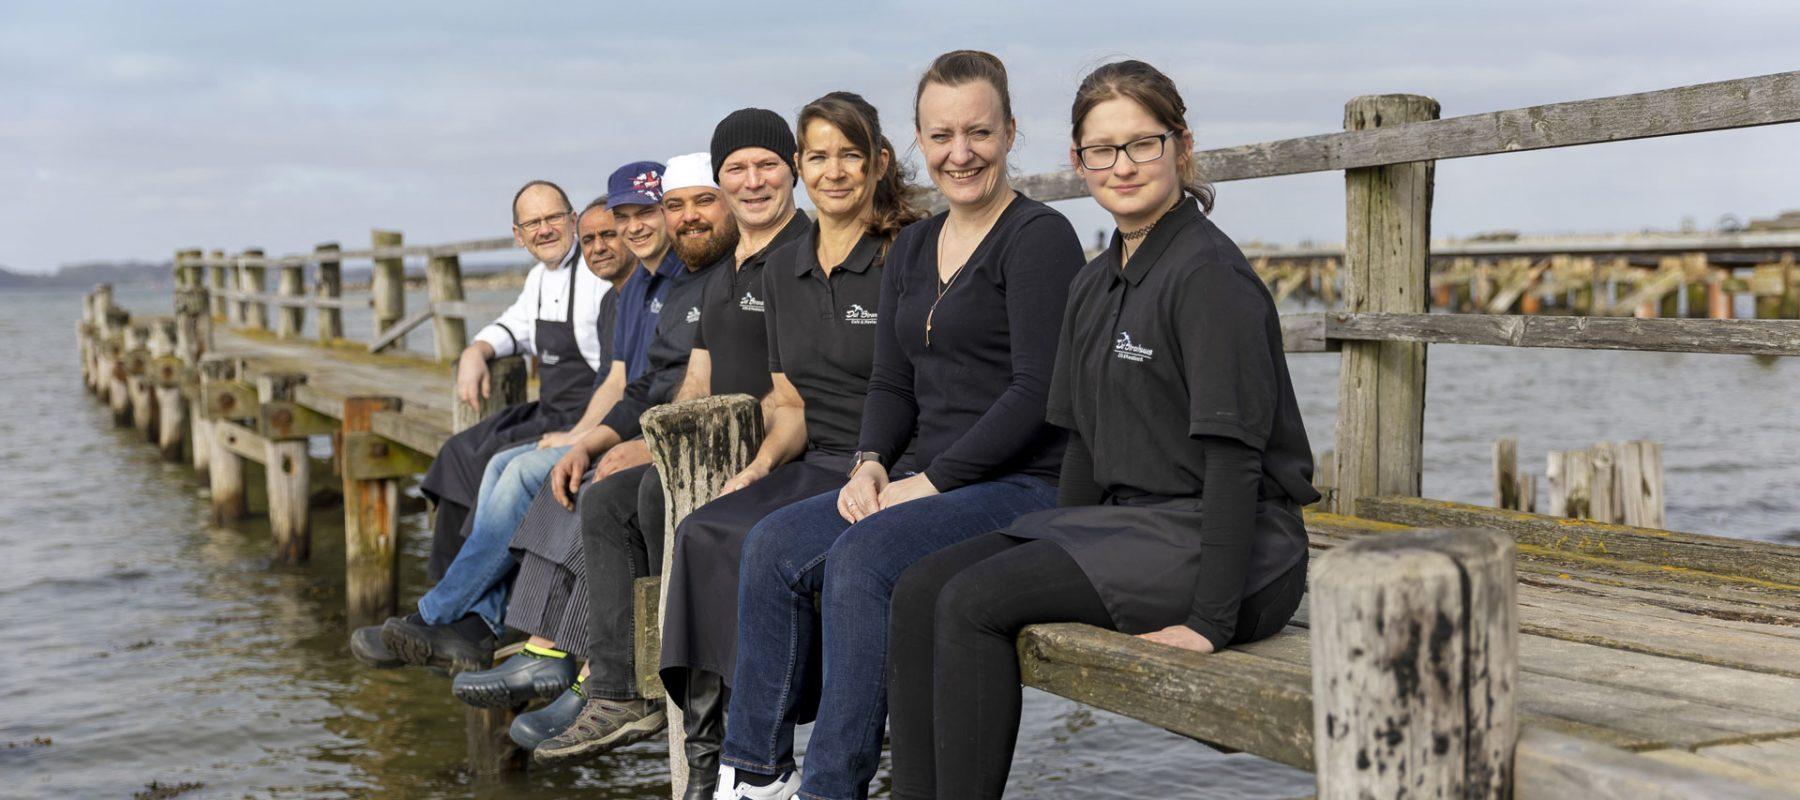 strandhuus-wackerballig-mitarbeiter.5